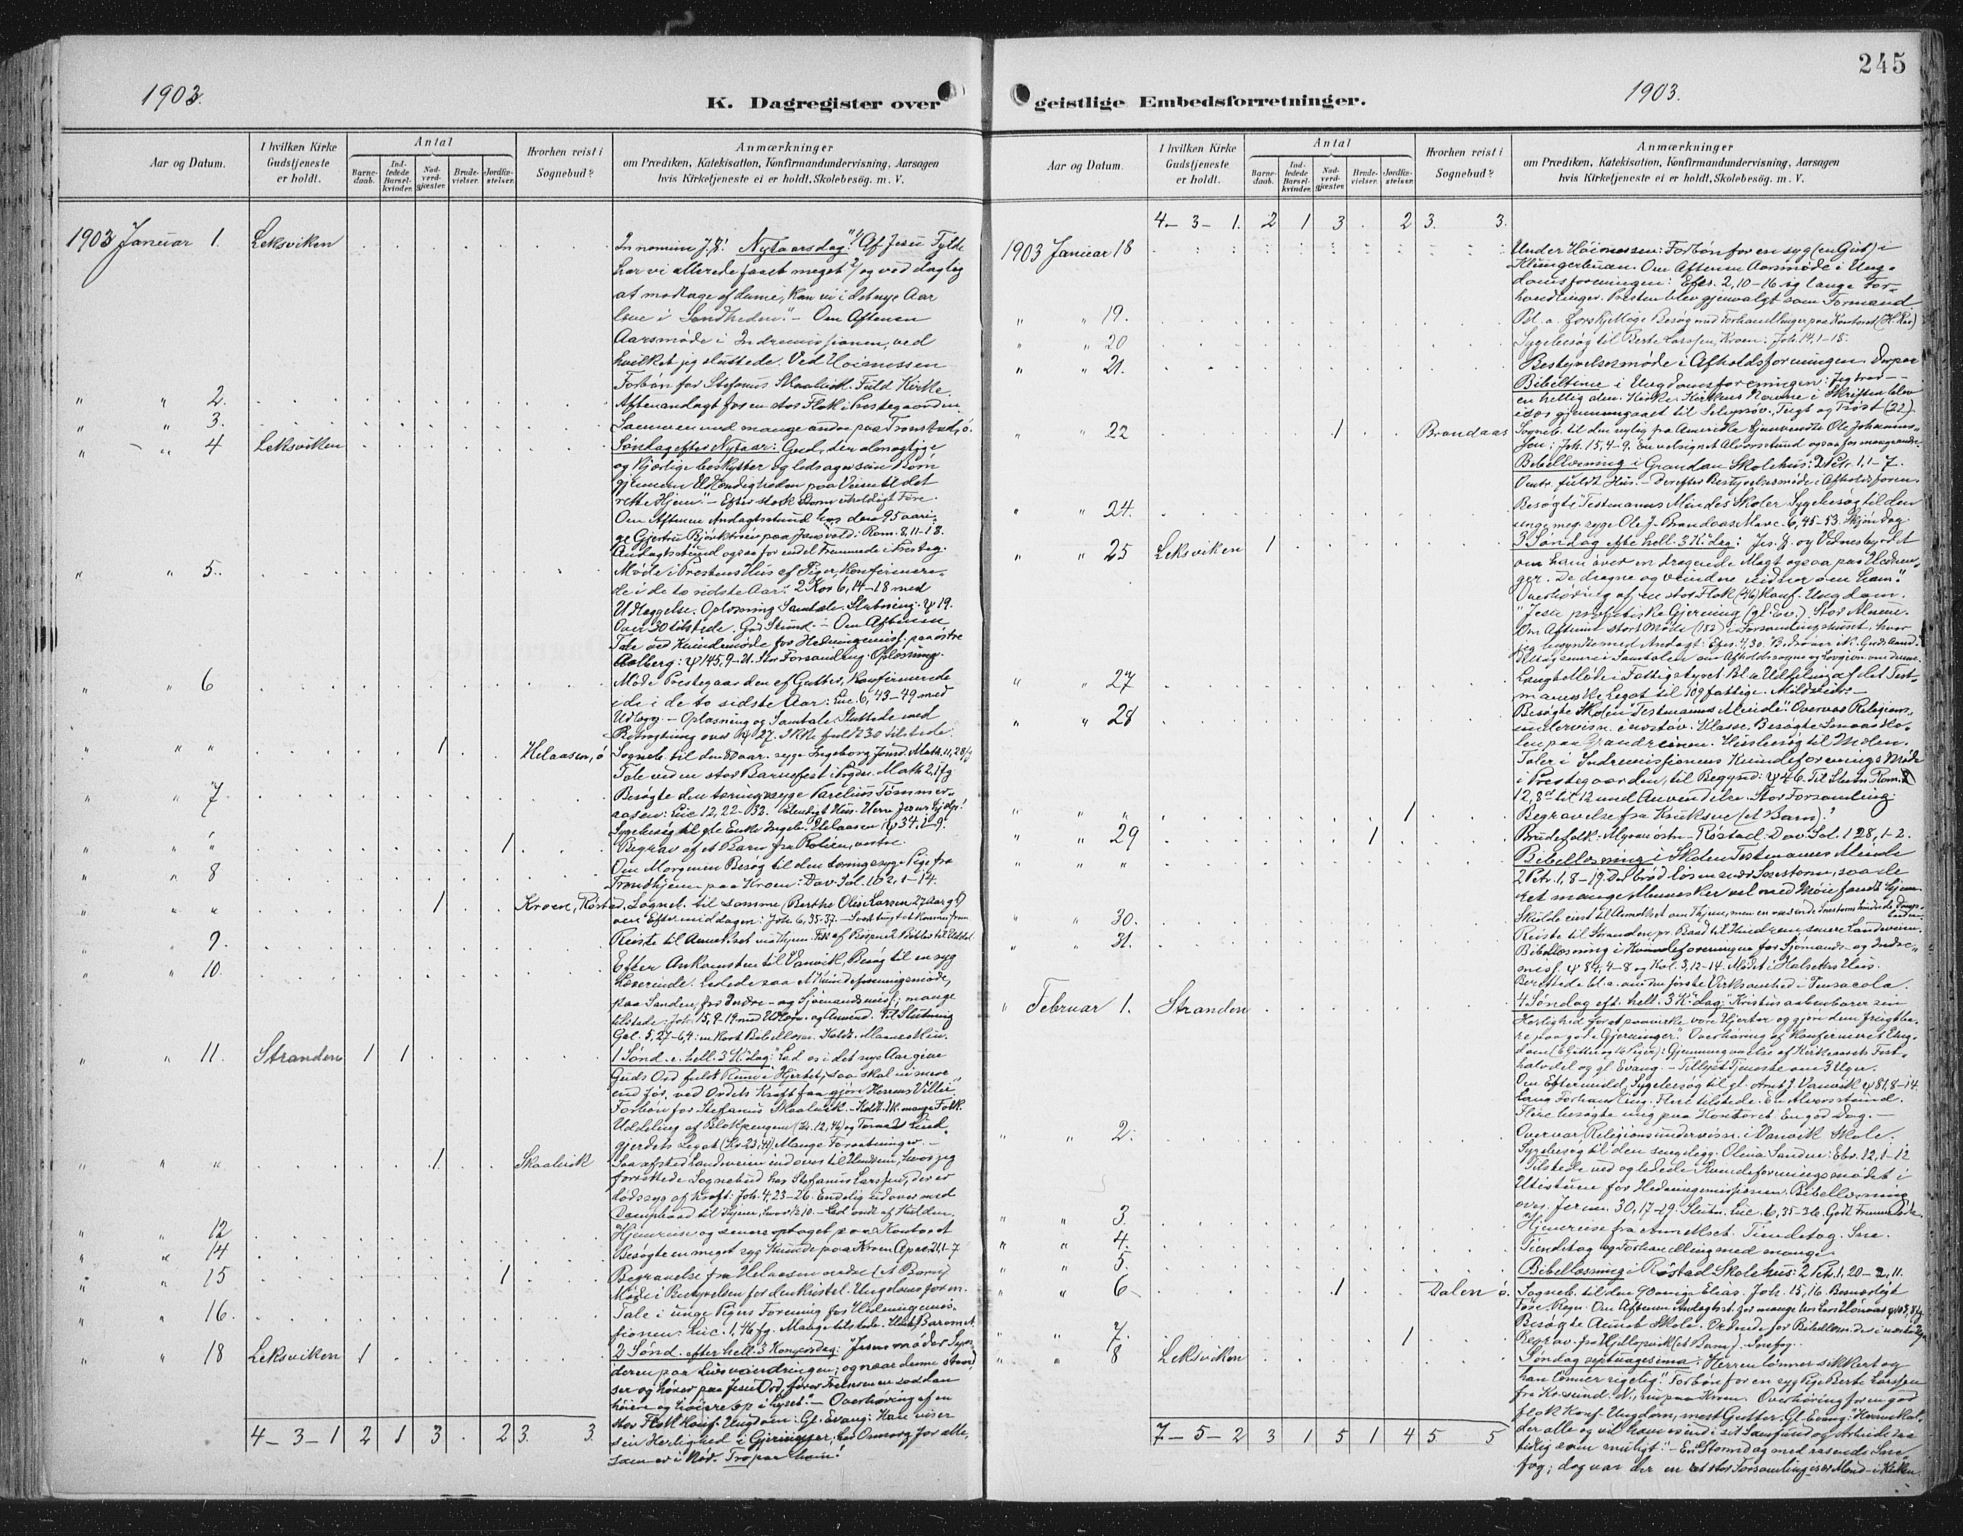 SAT, Ministerialprotokoller, klokkerbøker og fødselsregistre - Nord-Trøndelag, 701/L0011: Ministerialbok nr. 701A11, 1899-1915, s. 245